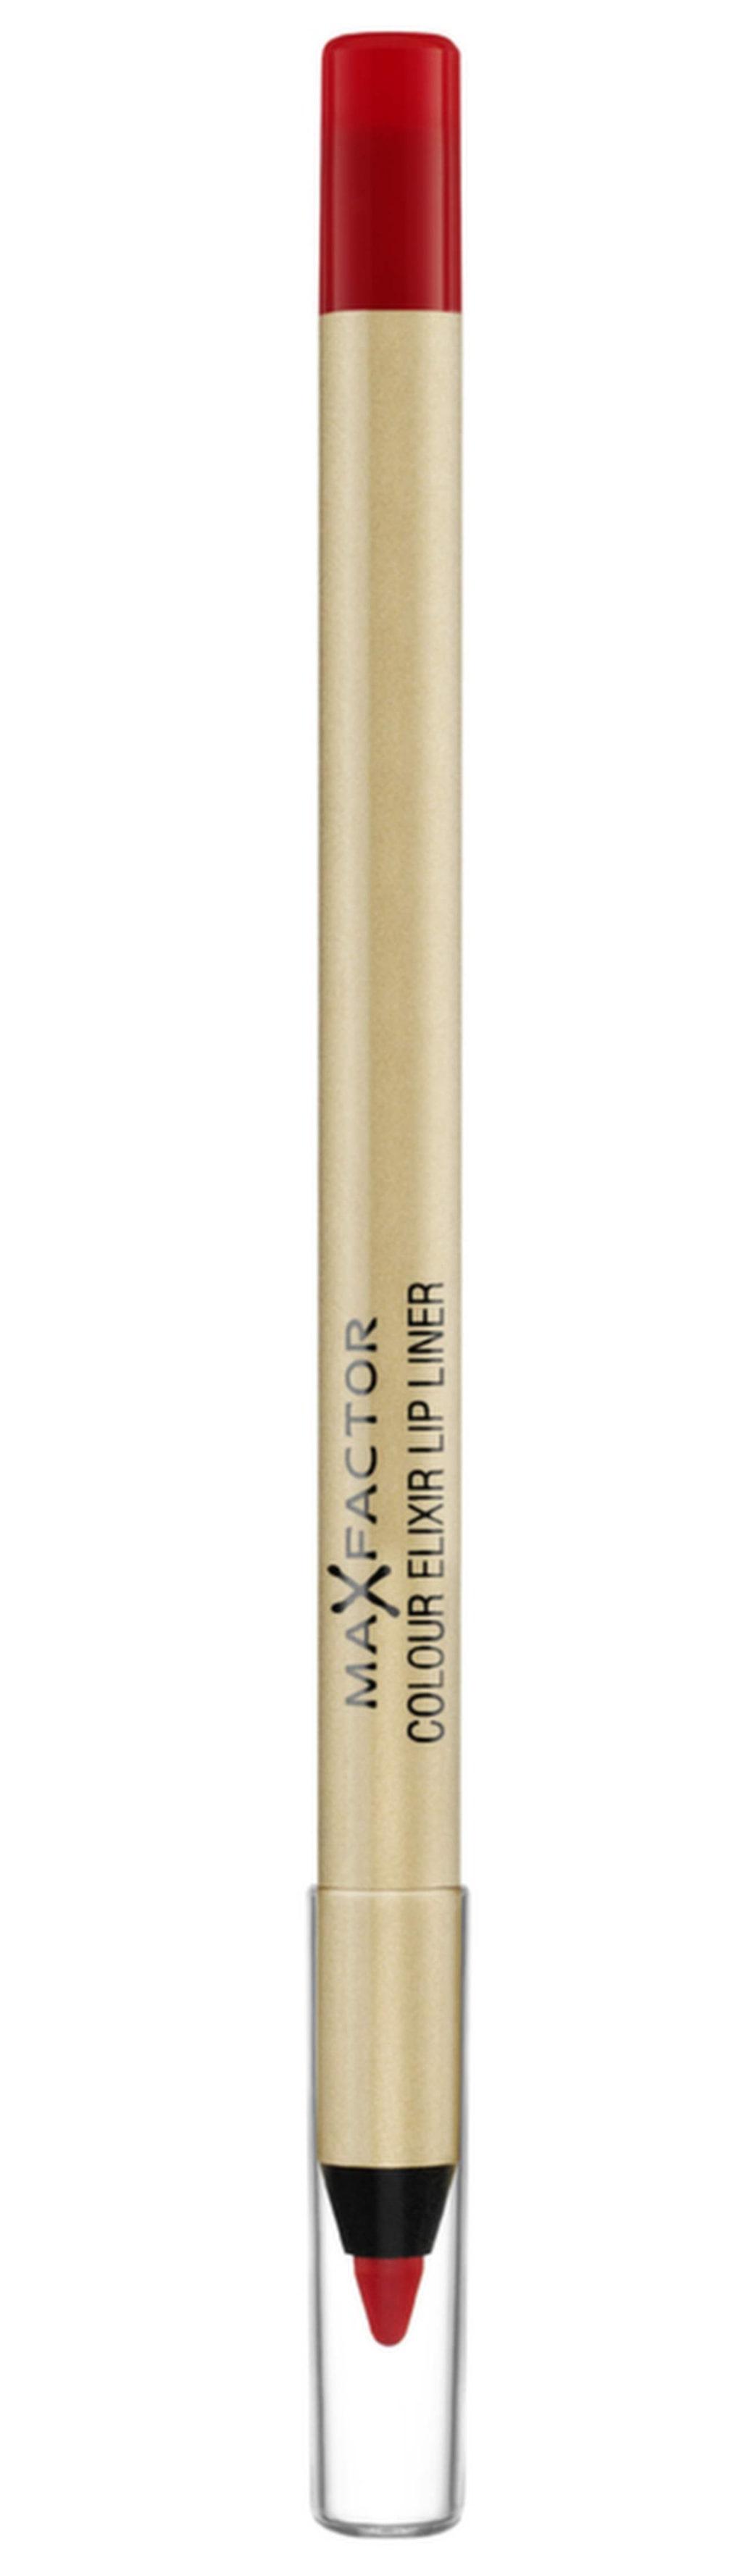 """<p>Läppenna """"Elixir lipliner"""" från Max Factor, 80 kronor.</p>"""